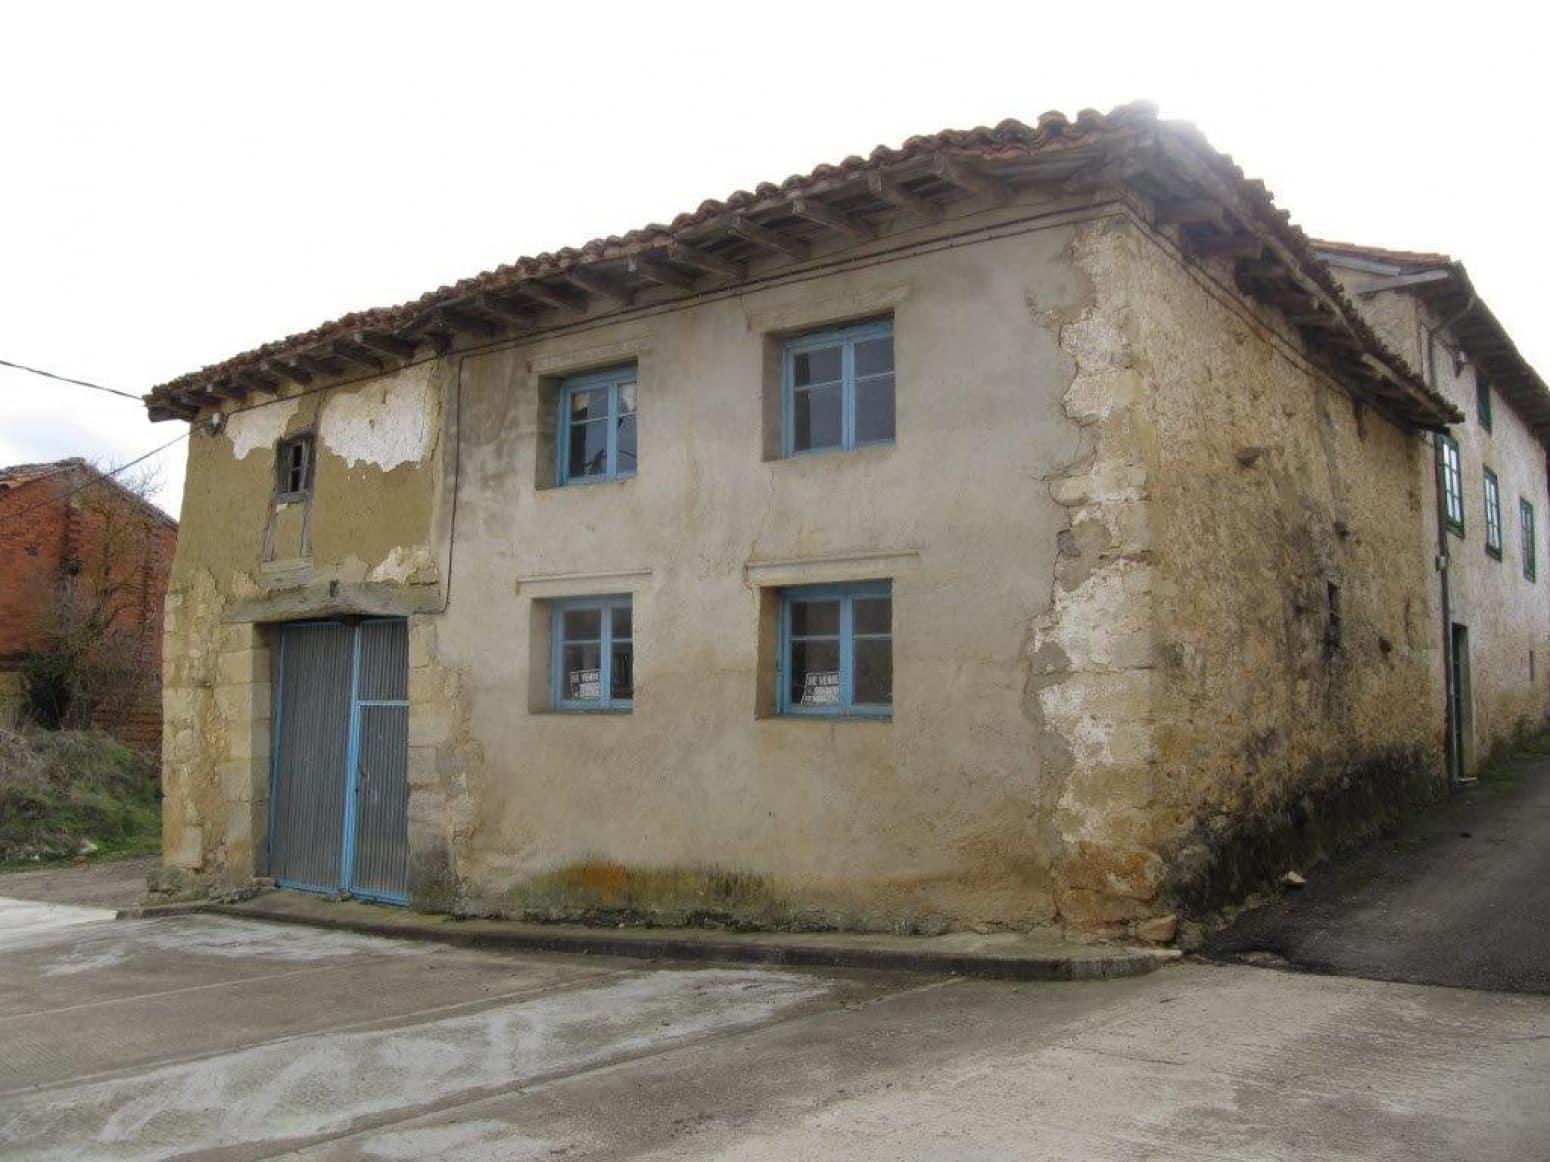 3 Zimmer Reihenhaus zu verkaufen in Dehesa de Montejo - 30.000 € (Ref: 4688415)